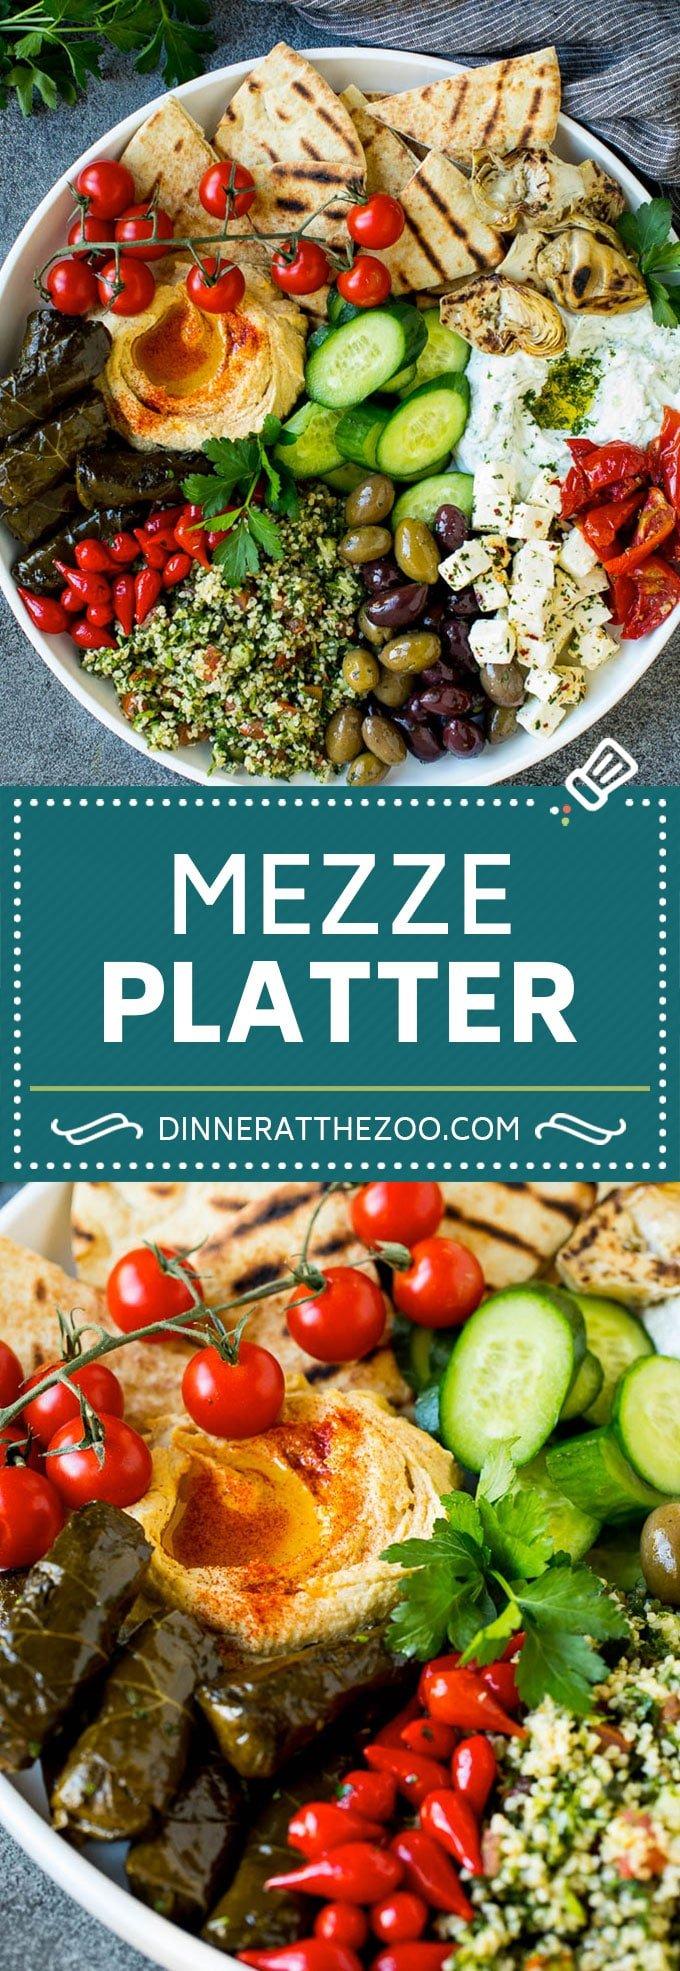 Mediterranean Mezze Platter Dinner At The Zoo